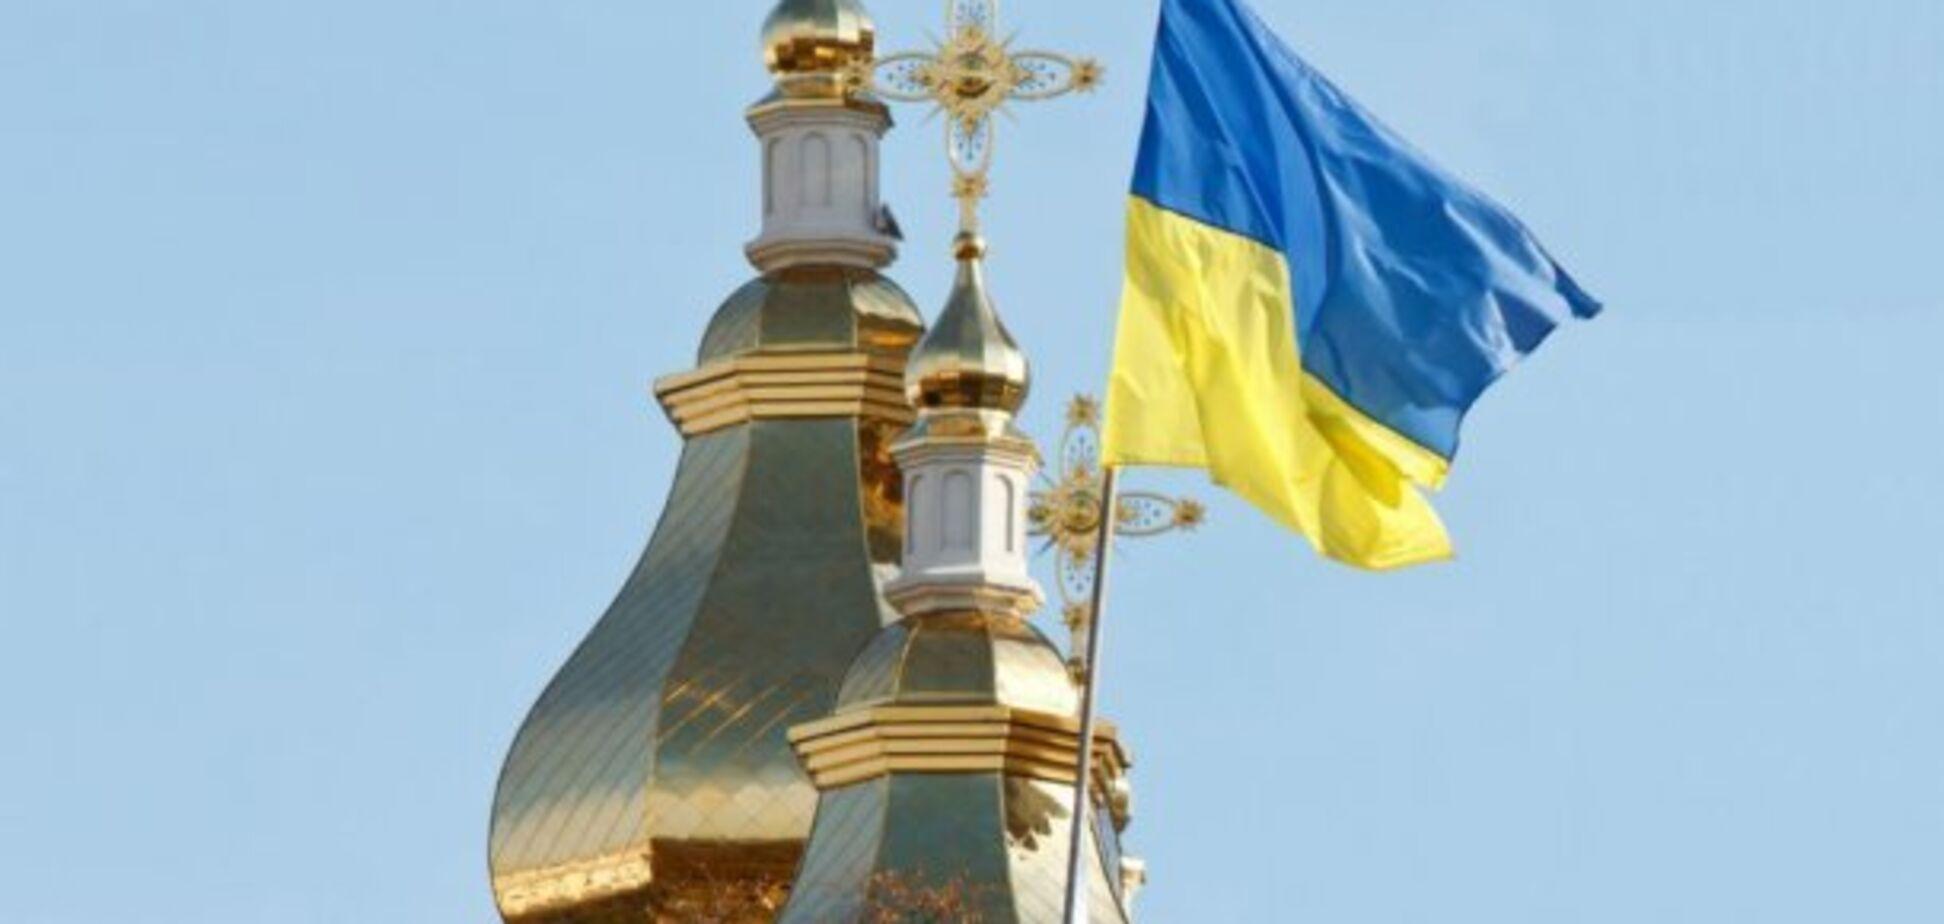 ''Покайтесь!'' Перешедшие в ПЦУ священники получили угрозы от митрополита РПЦ